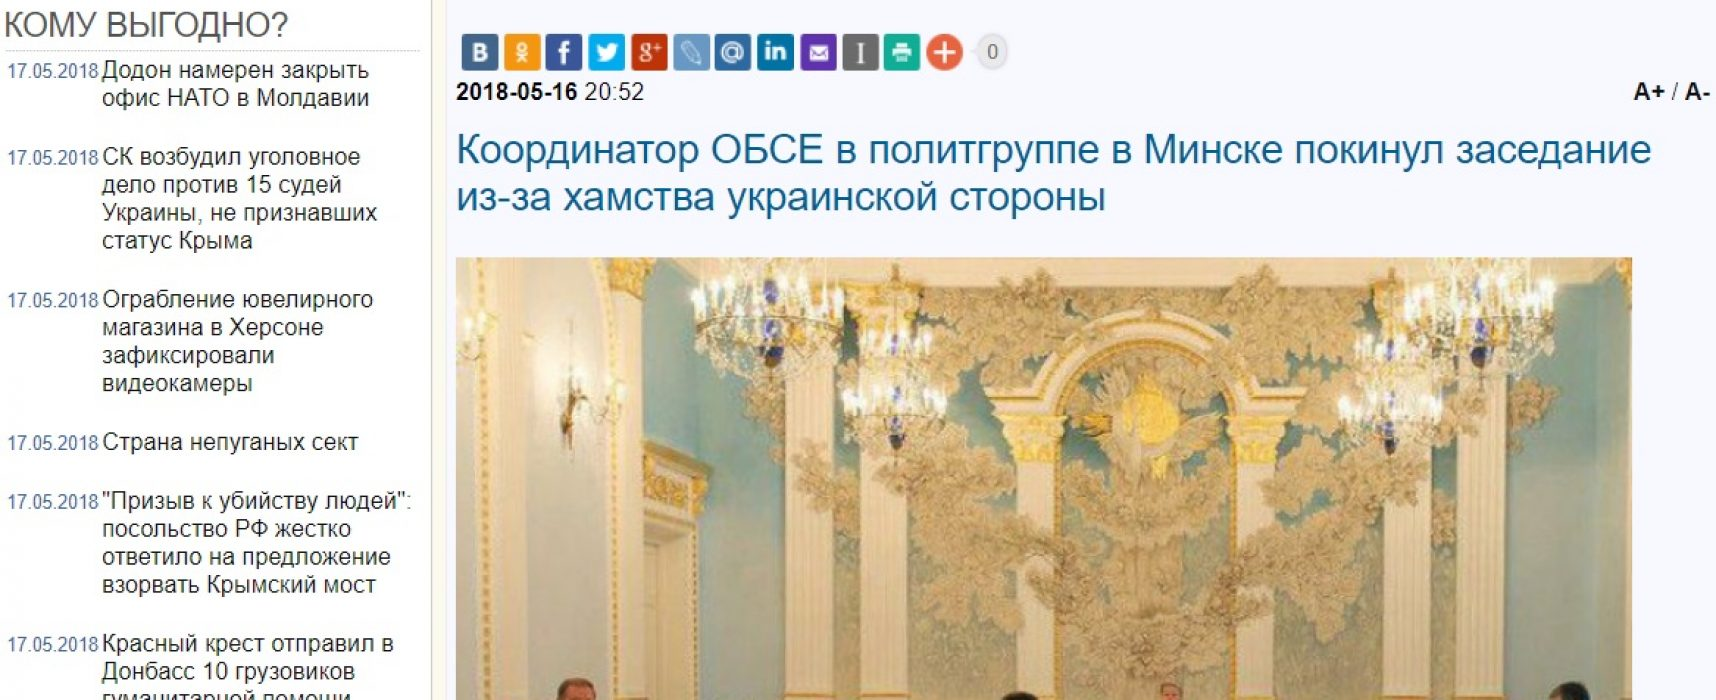 Fake: OSZE verlässt Donbas-Gesprächen aufgrund ukrainischer Drohungen